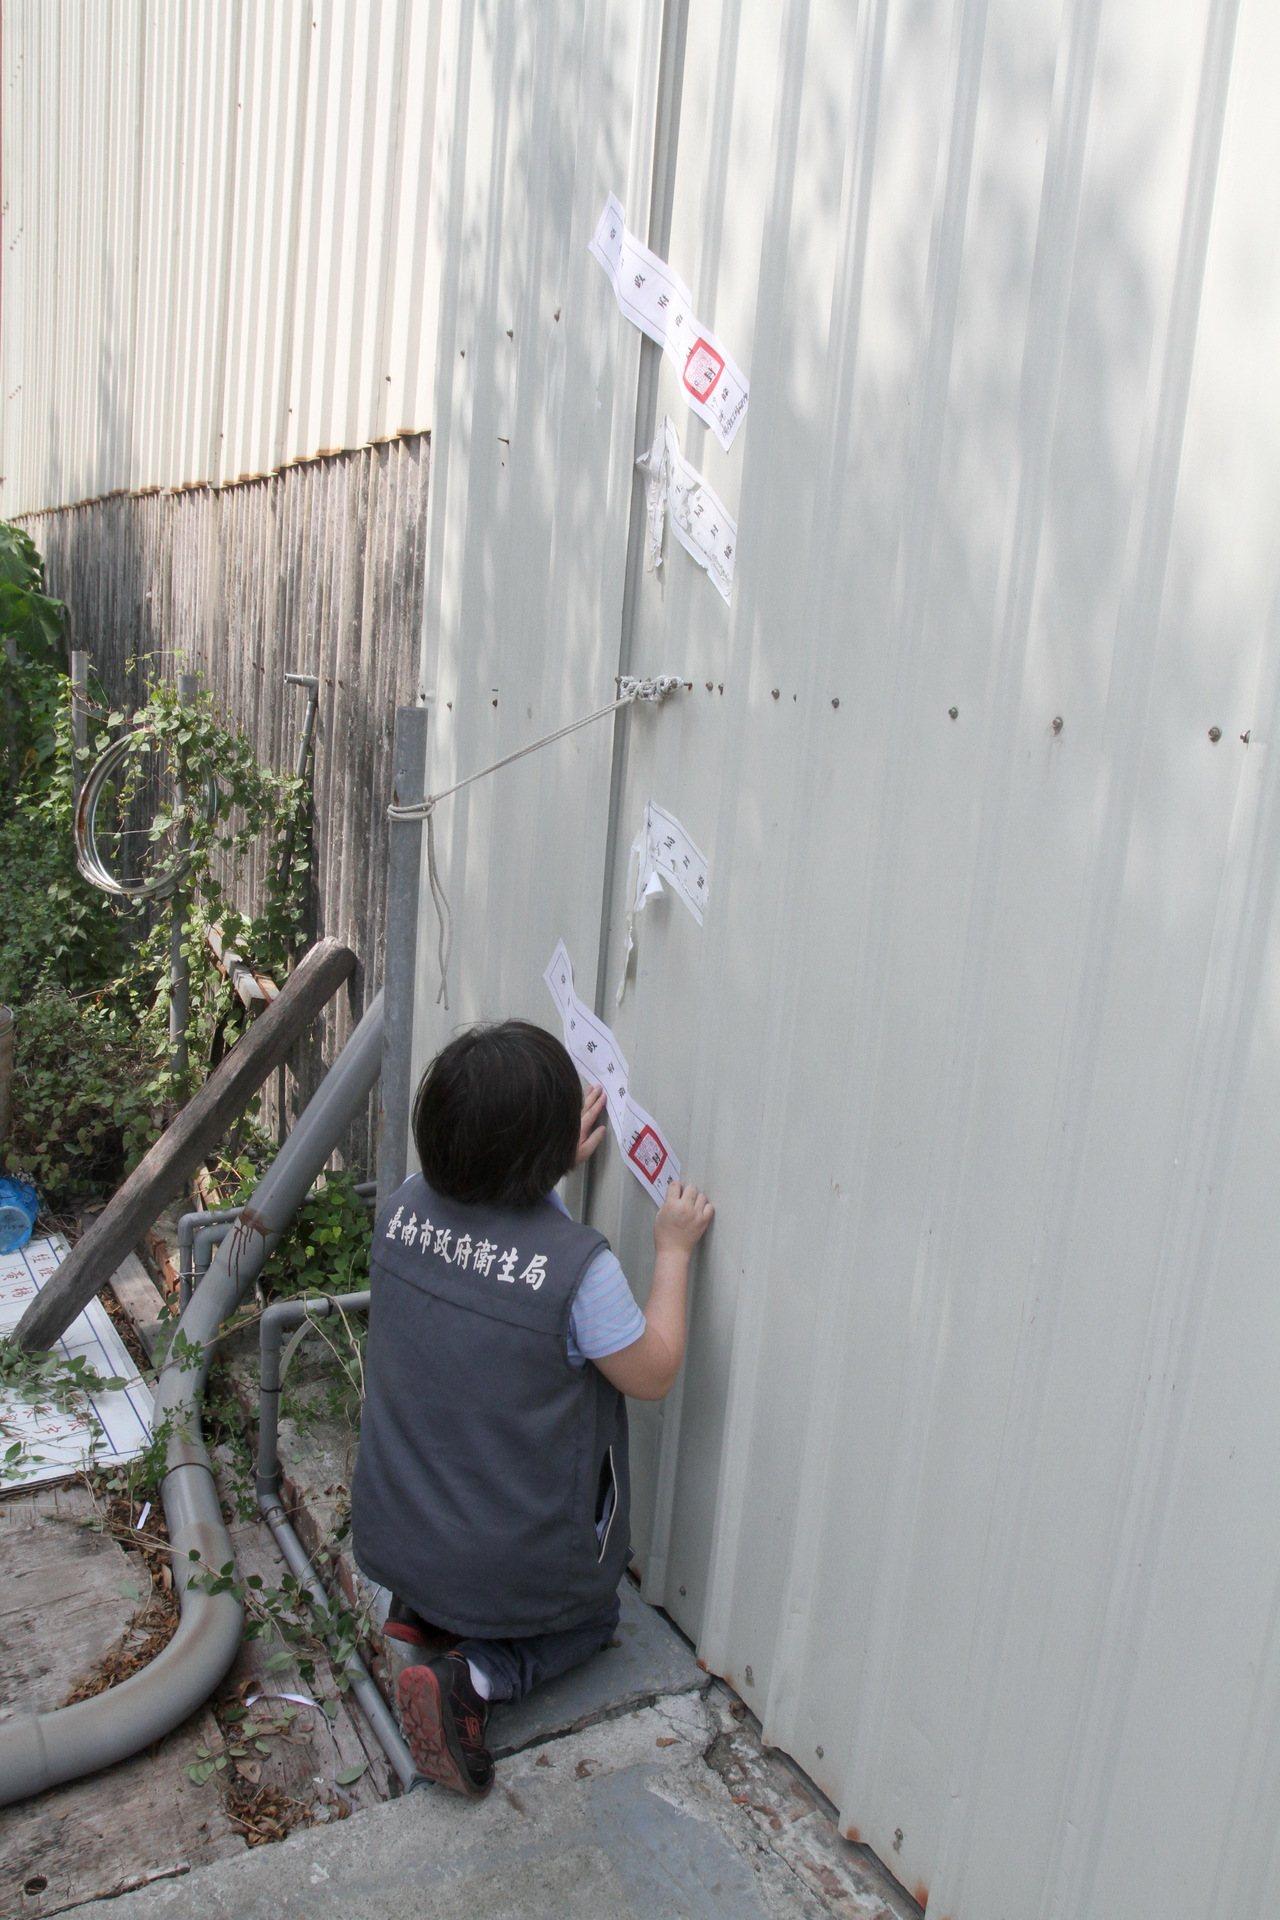 台南市政府衛生局中午再度前往稽查二度貼上封條。記者謝進盛/攝影